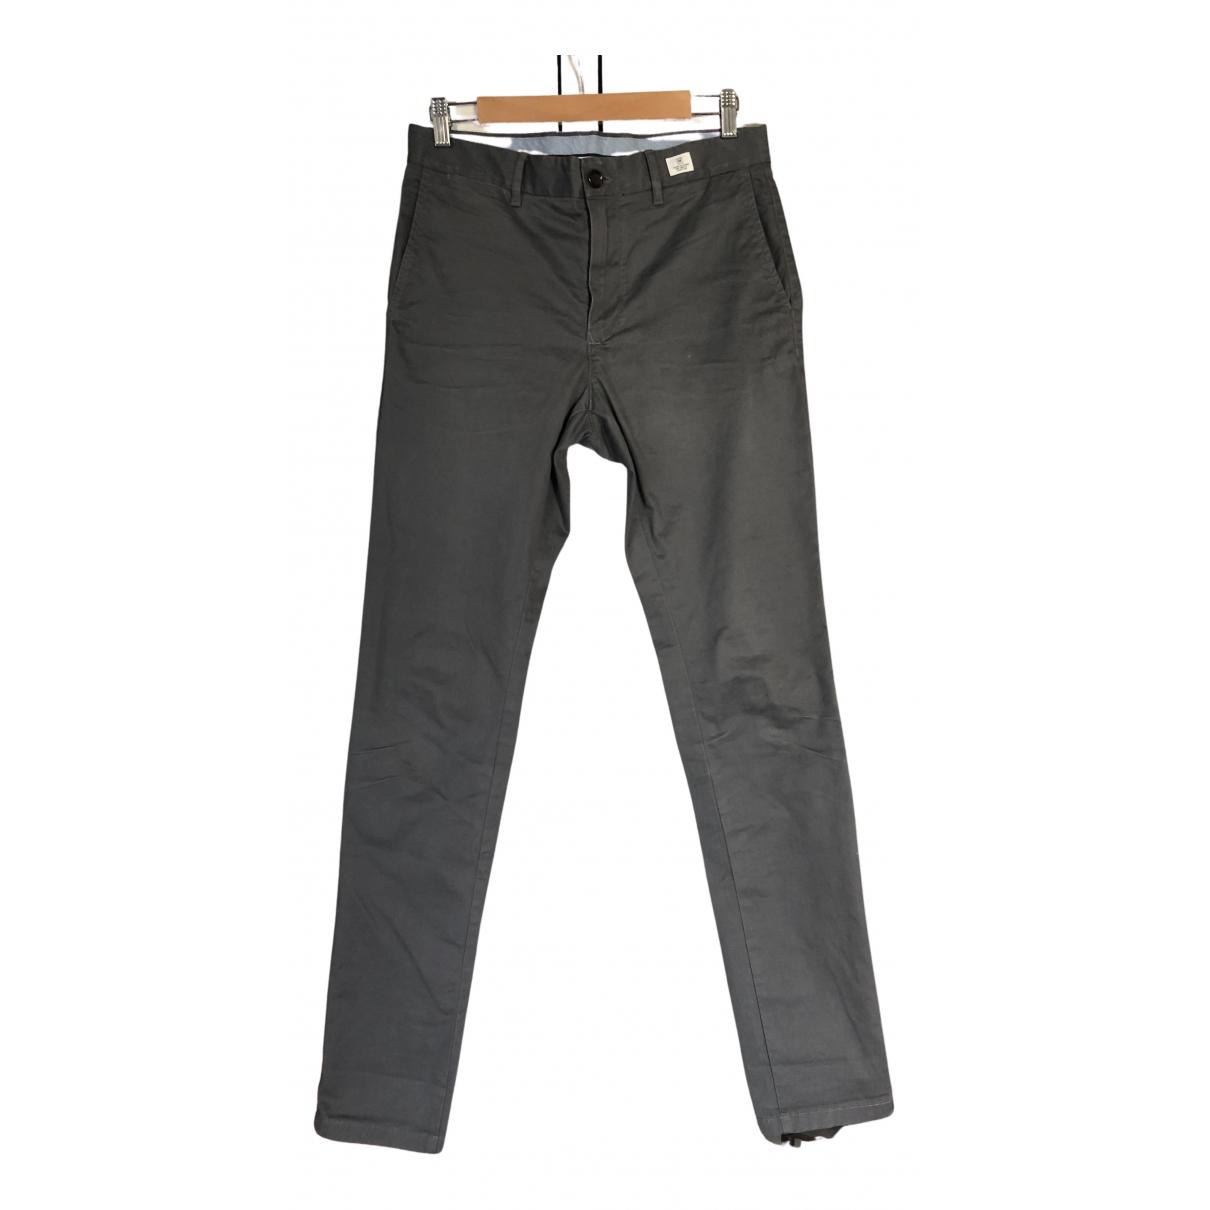 Pantalones en Algodon Antracita Tommy Hilfiger